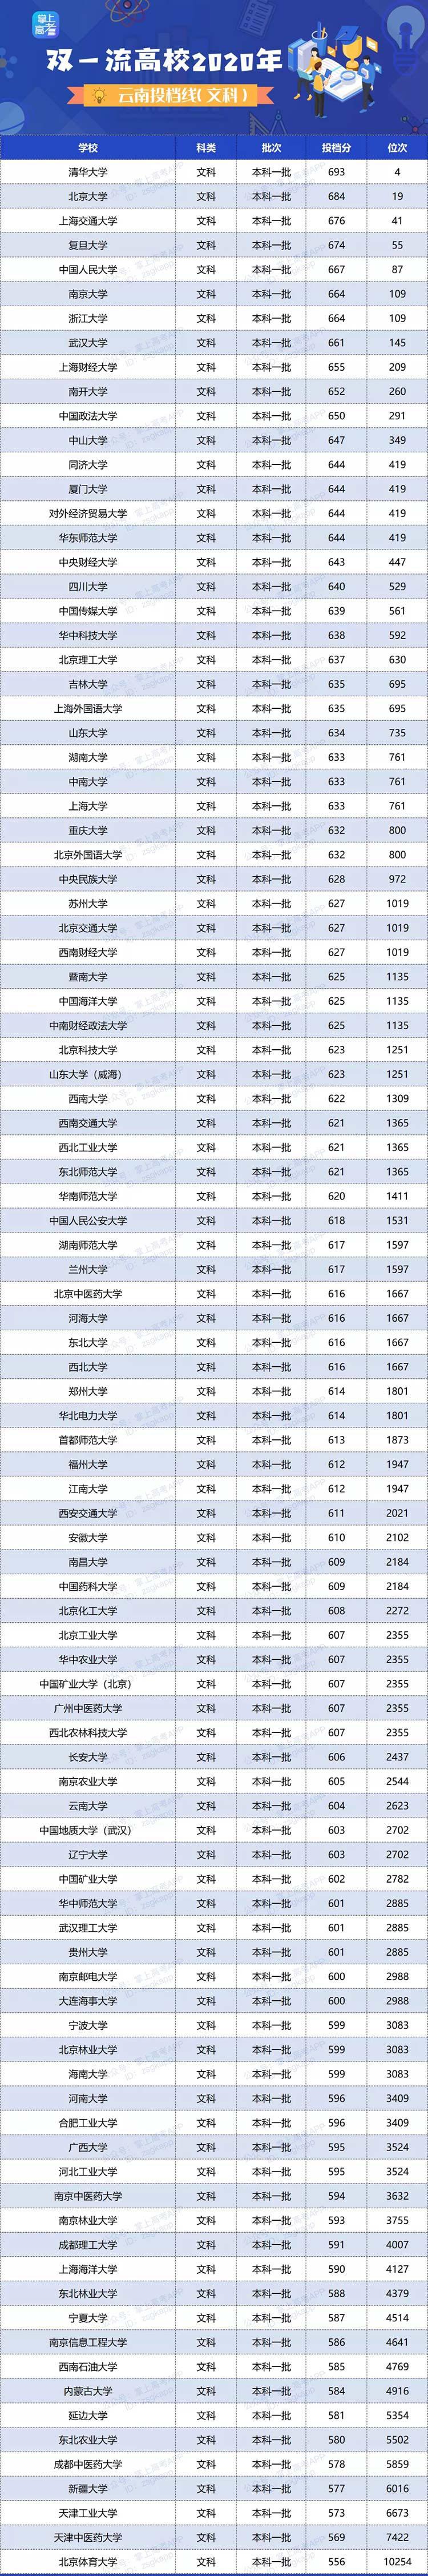 2020年双一流大学在云南投档分数线及位次